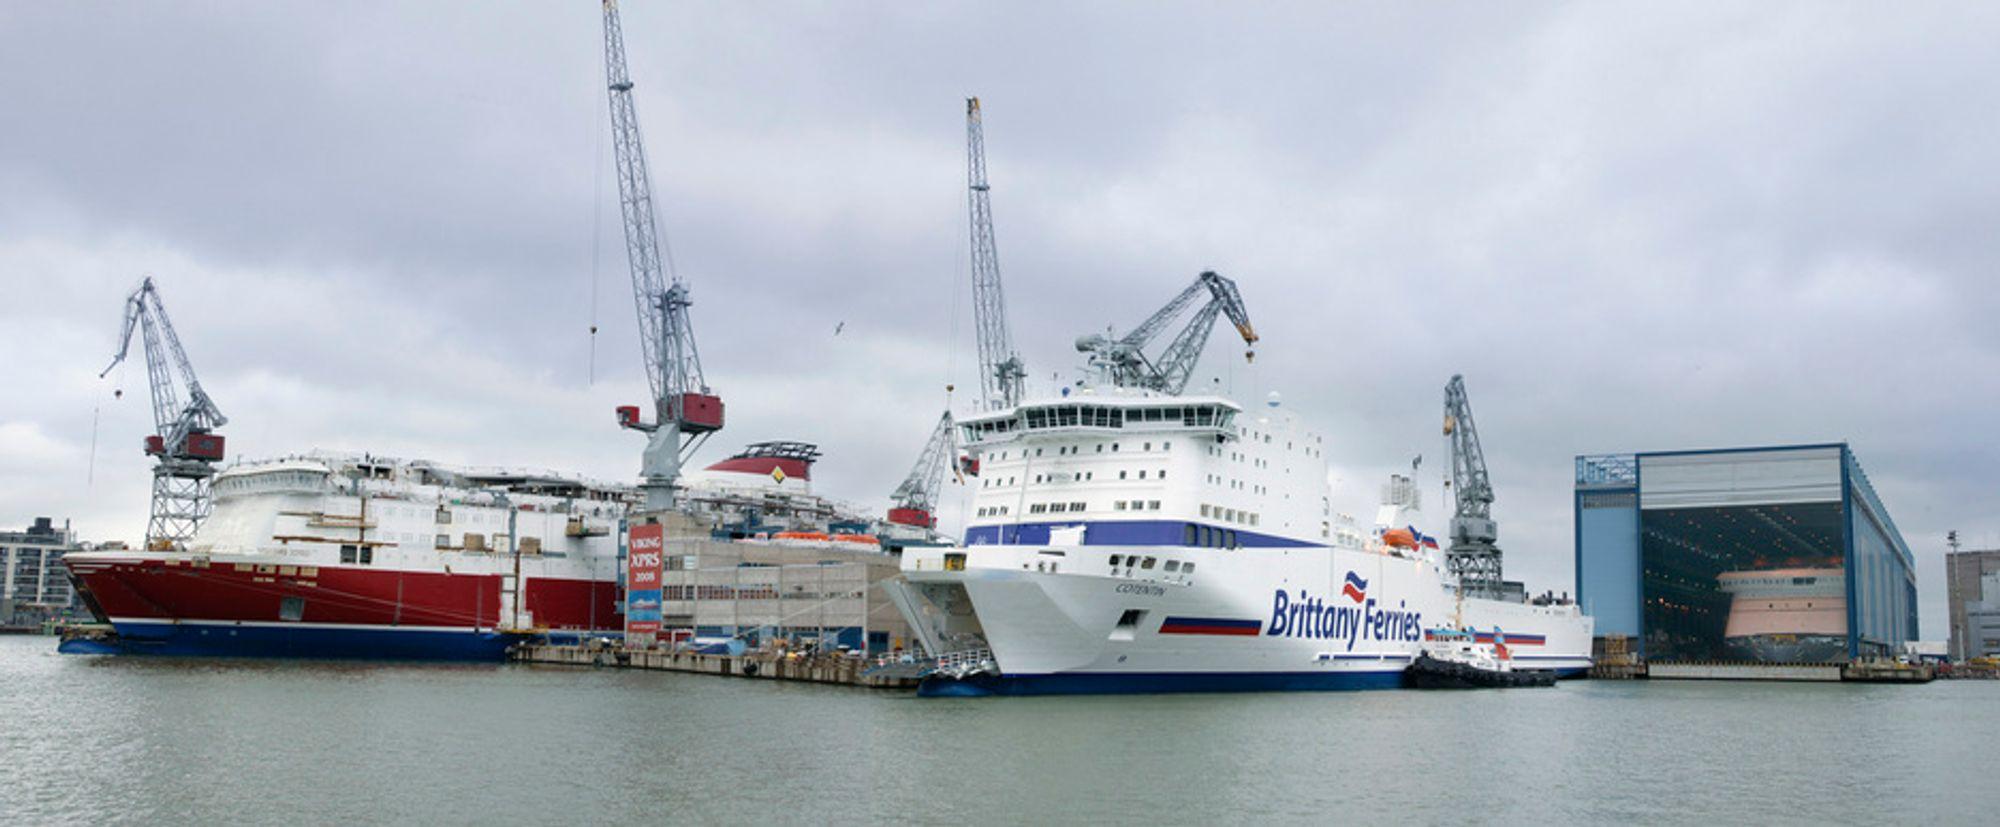 SKIFTER FOKUS: Verftet i Helsingfors overføres fra STX Finland til det nye finsk-russiske selskapet Arctech Helsinki Shipyard Oy. Verftet skal bygge isbrytere og isforsterkede skip for akrtiske strøk.